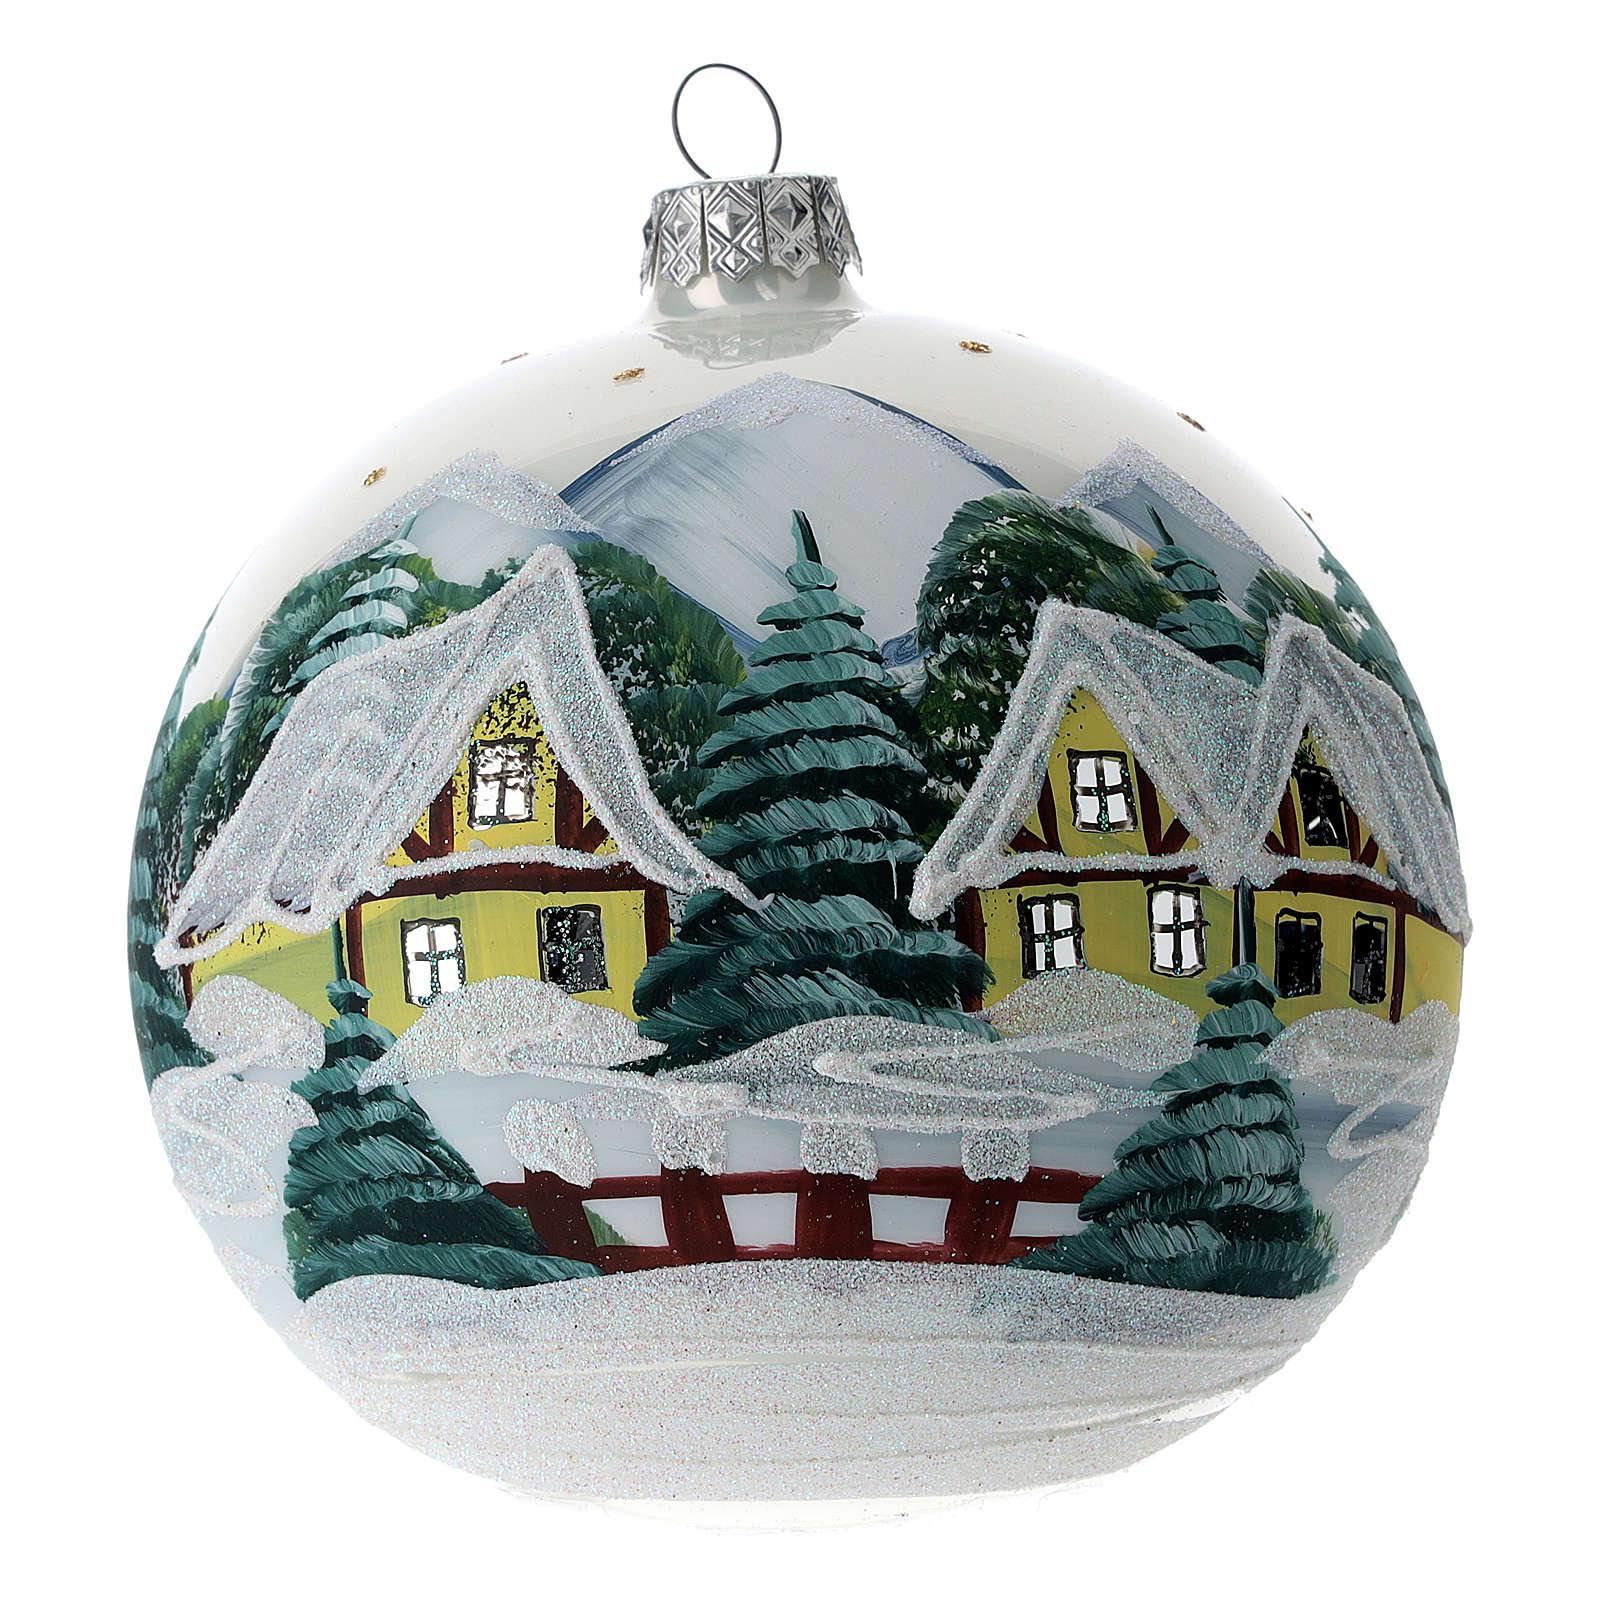 Boule sapin Noël 120 mm verre soufflé village alpin enneigé 4